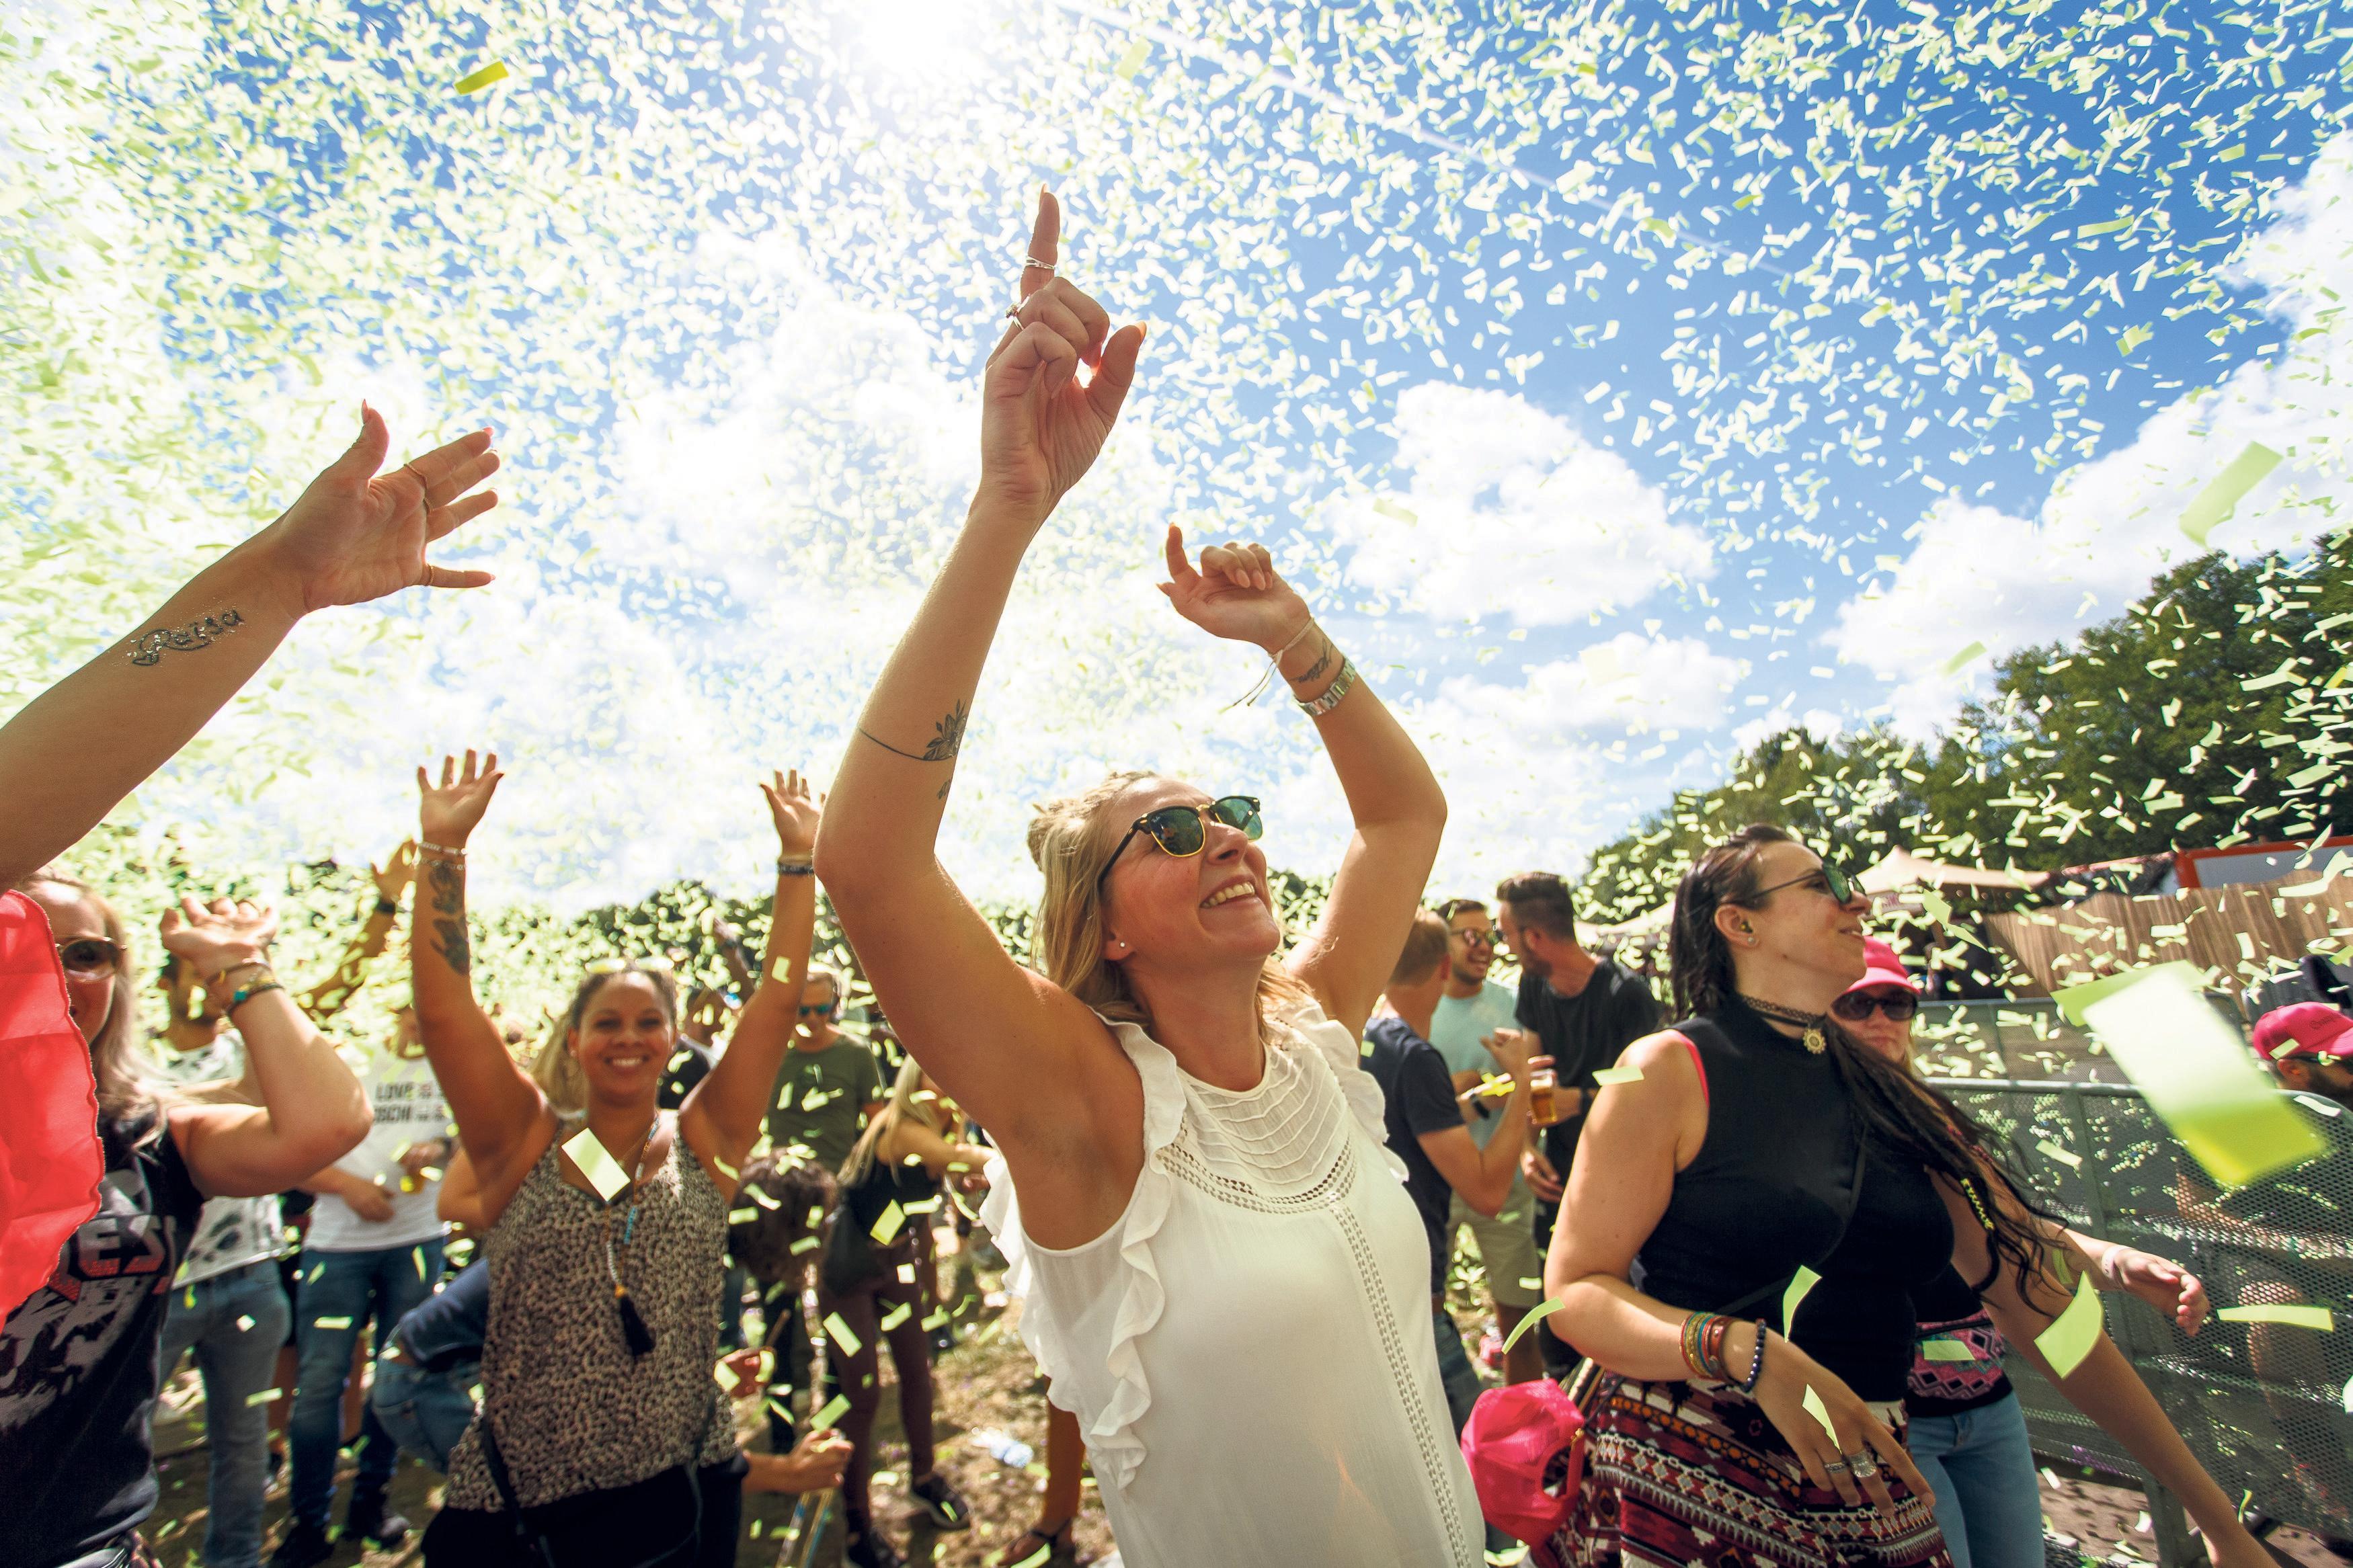 Velserbroek deels dicht om overlast van festival Latin Village tegen te gaan